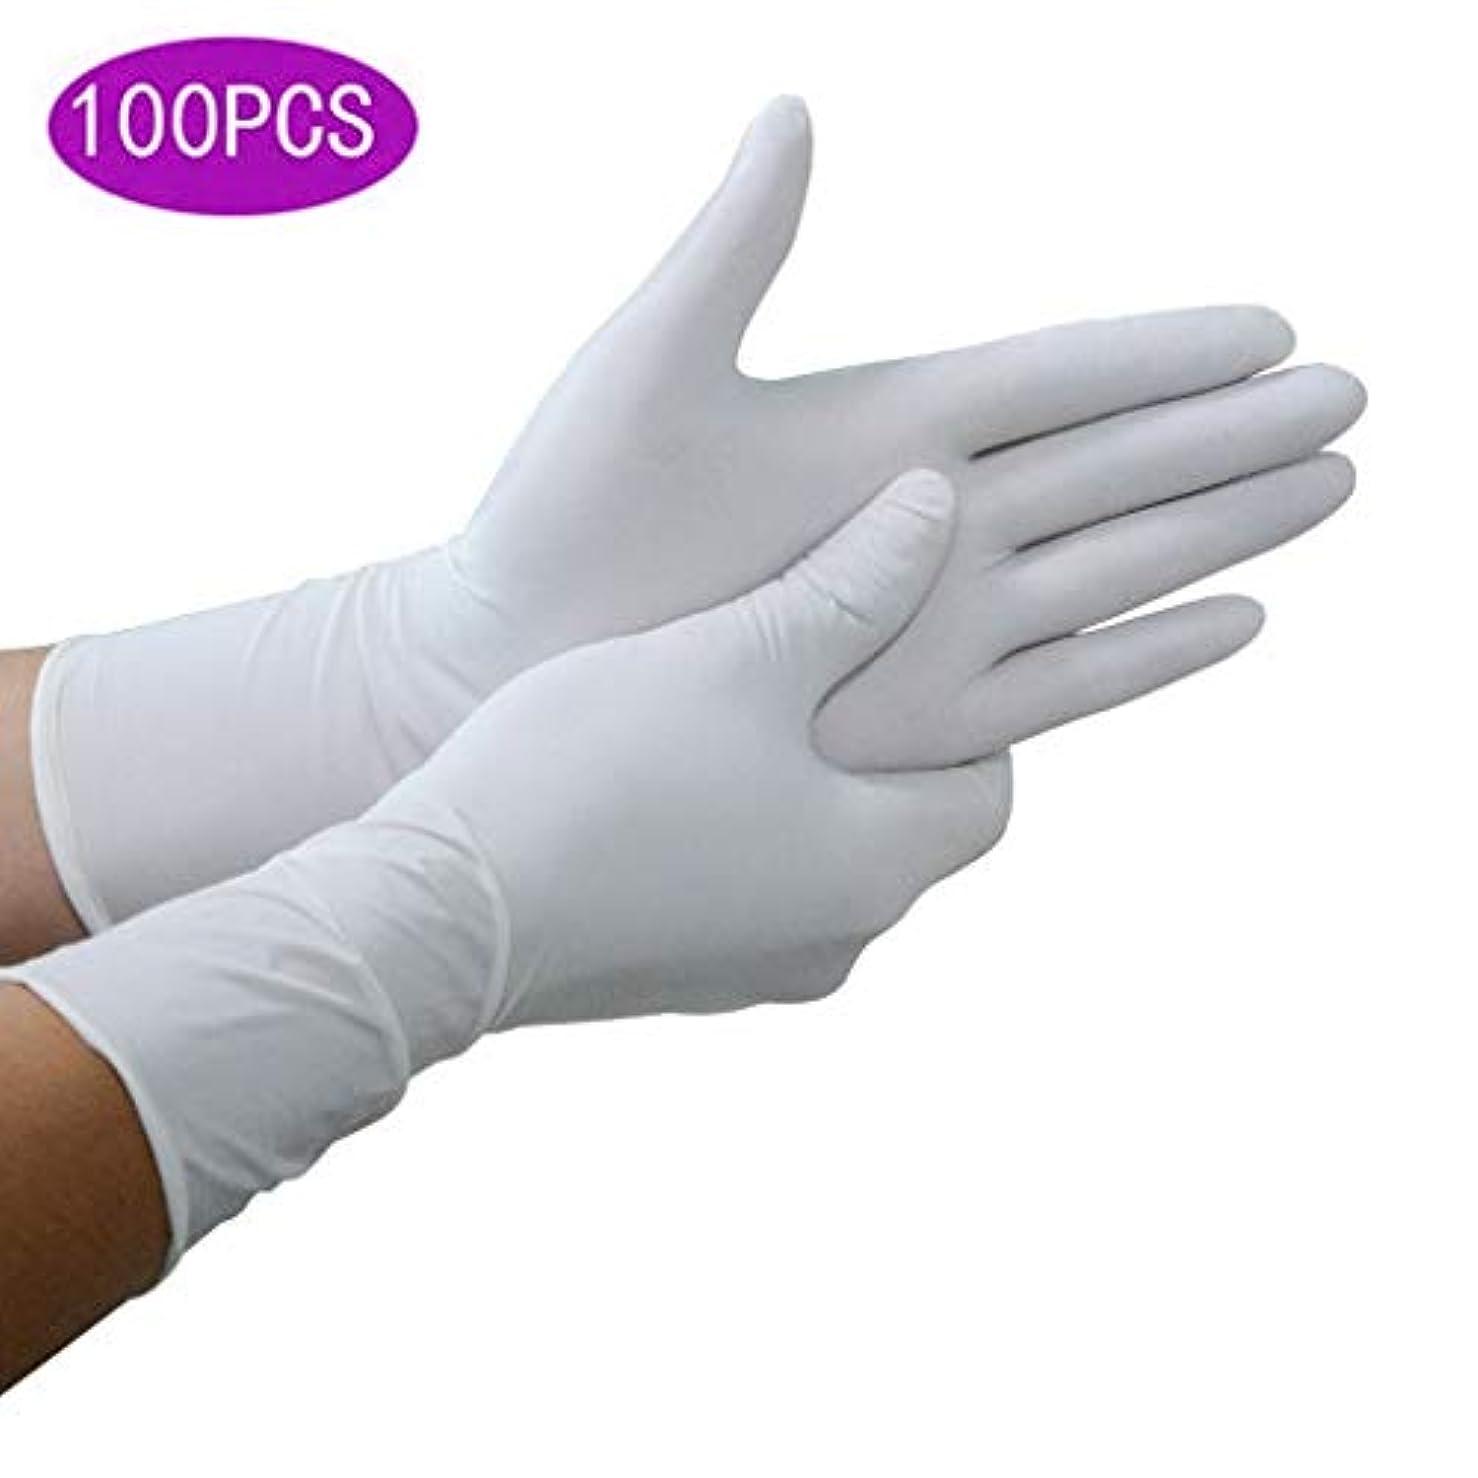 鉛宿ルーフニトリル手袋ホワイトラボ麻電子業界の酸とアルカリ保護operationsExperimentデューティ検査用手袋|病院のための専門の等級 (Size : S)